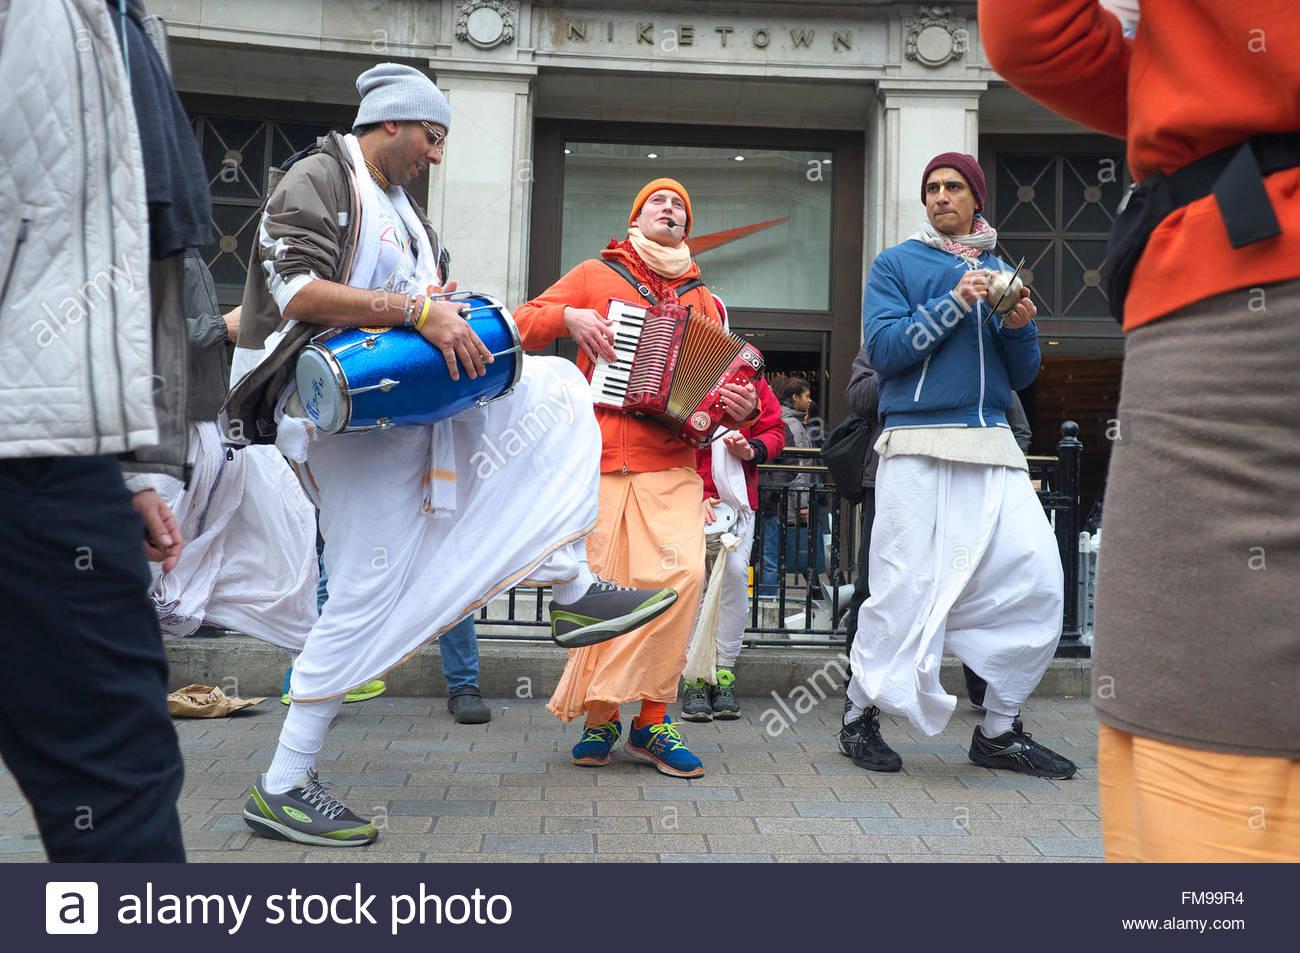 Membres de Hare Krishna danser et chanter parmi les piétons, passage sur Oxford Street au centre de Londres, au Royaume-Uni. Banque D'Images